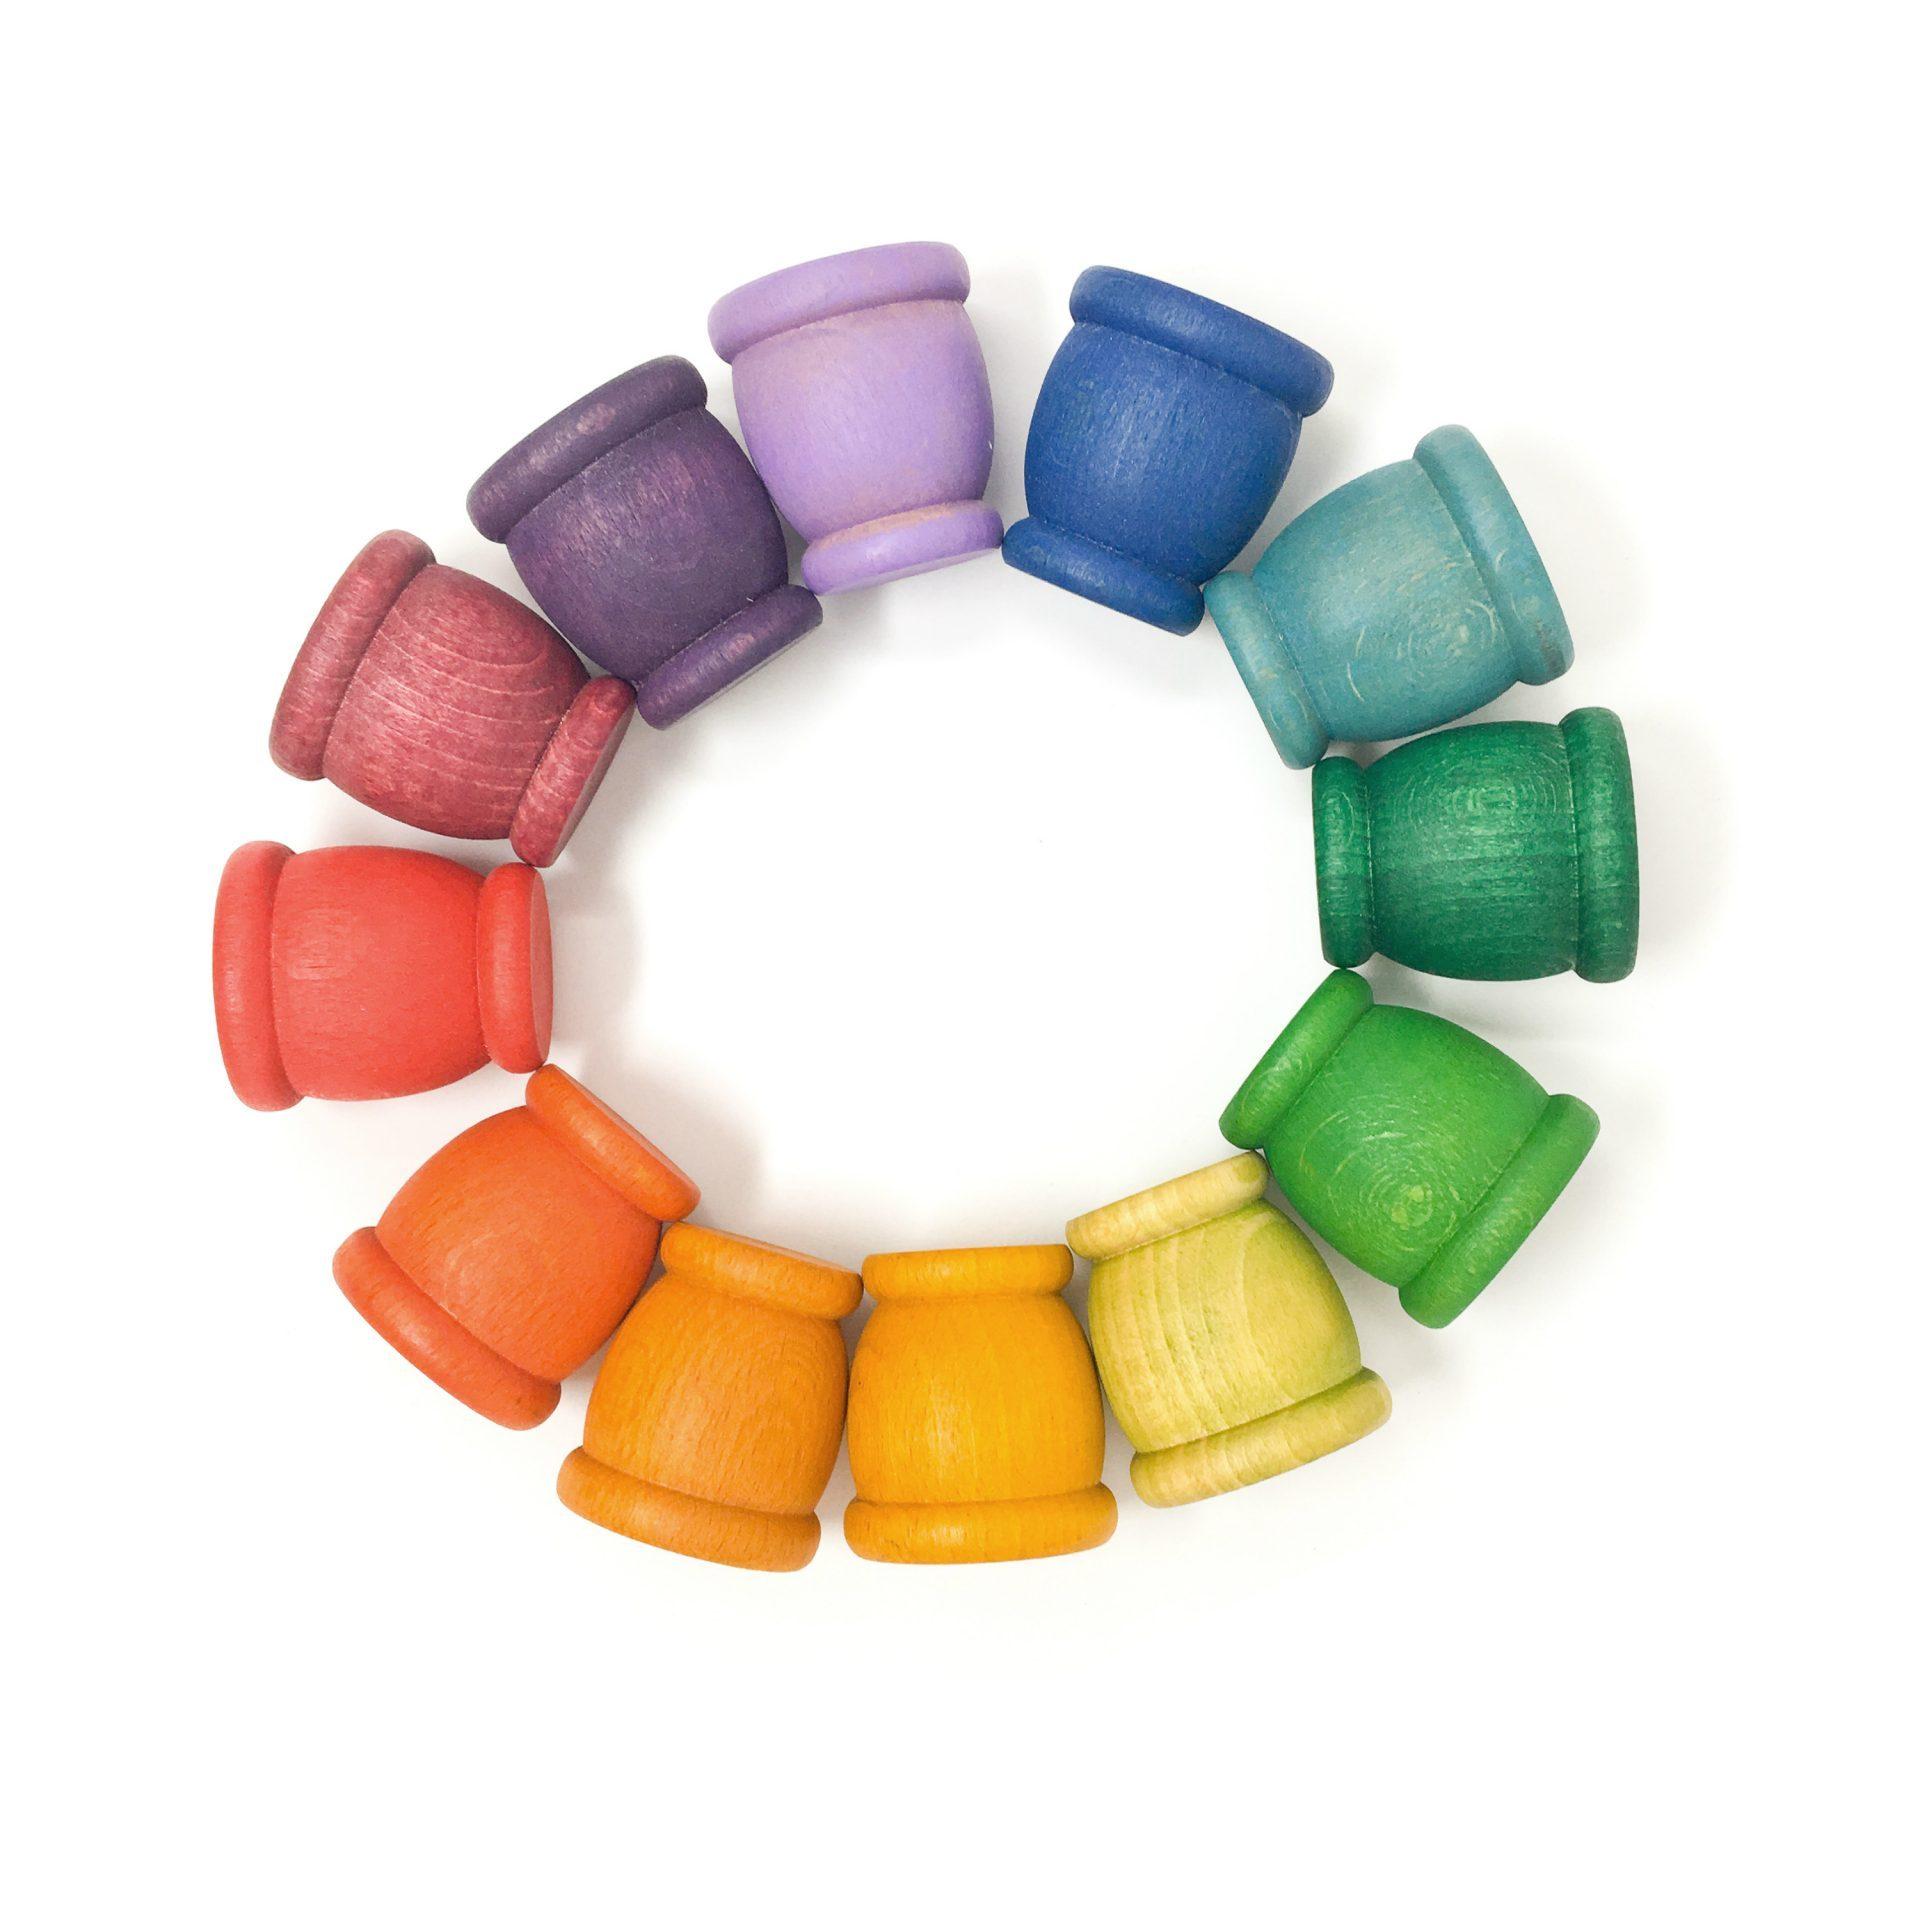 18-183-Set-12-porta-uovo-arcobaleno-gioco-educativo-in-legno-Grapat (7)